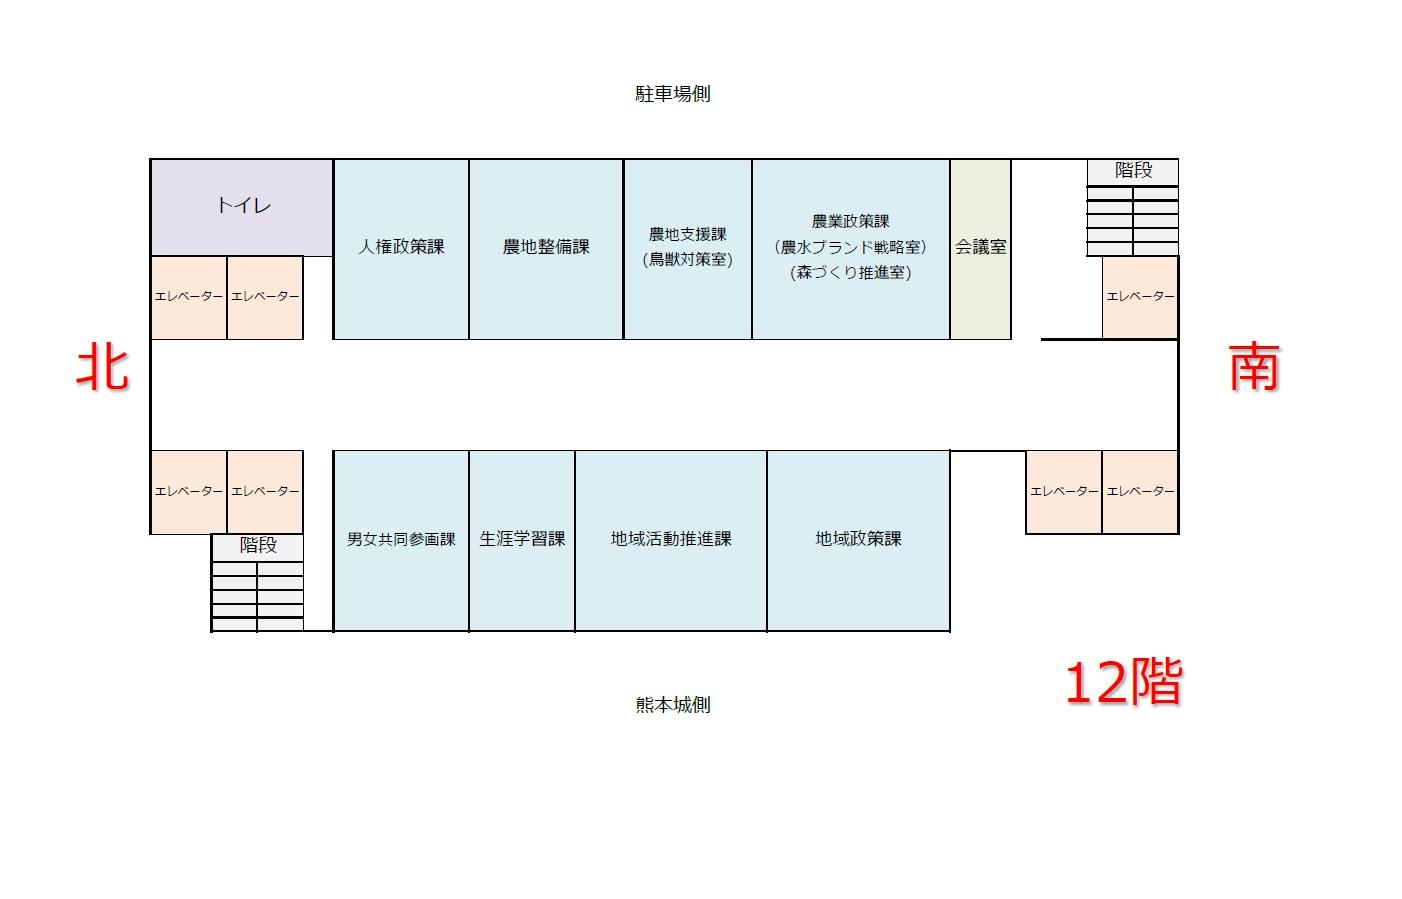 フロア図(12階)